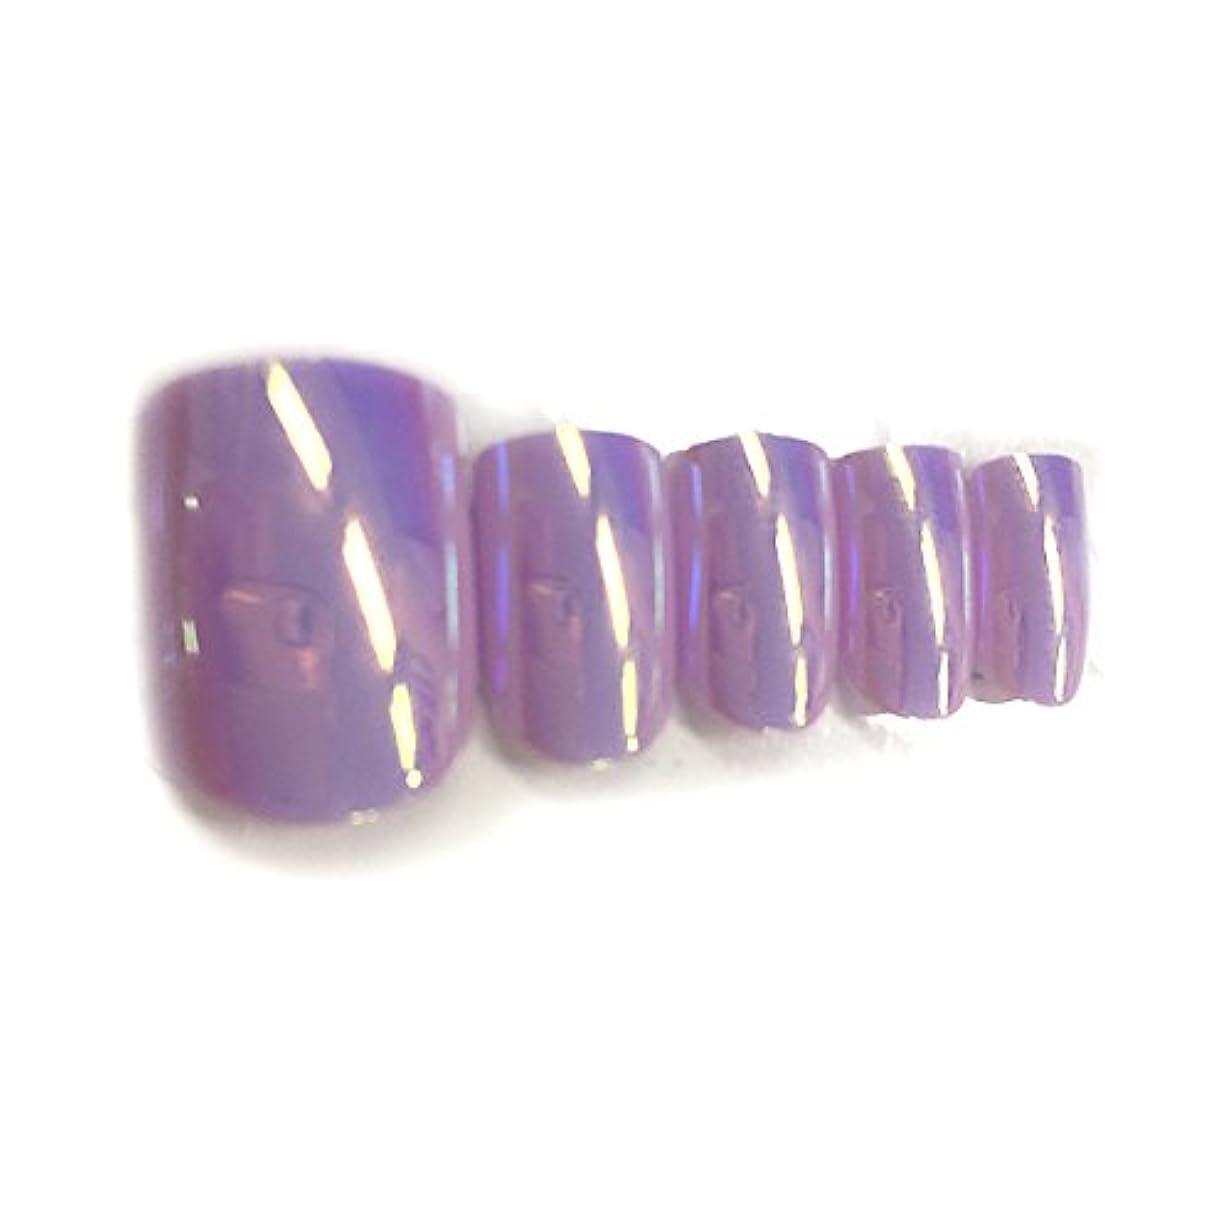 債権者意外ピラミッド< OMD > Feel soft Nail tip No.6 パステルパープル (84枚入り) [ ペディキュアチップ ペディチップ ペディキュアネイルチップ ミラーチップ 足用ネイルチップ フットネイルチップ 親指 足 ネイルチップ ネイルシール ペディキュア チップ シール つけ爪 付け爪 ]